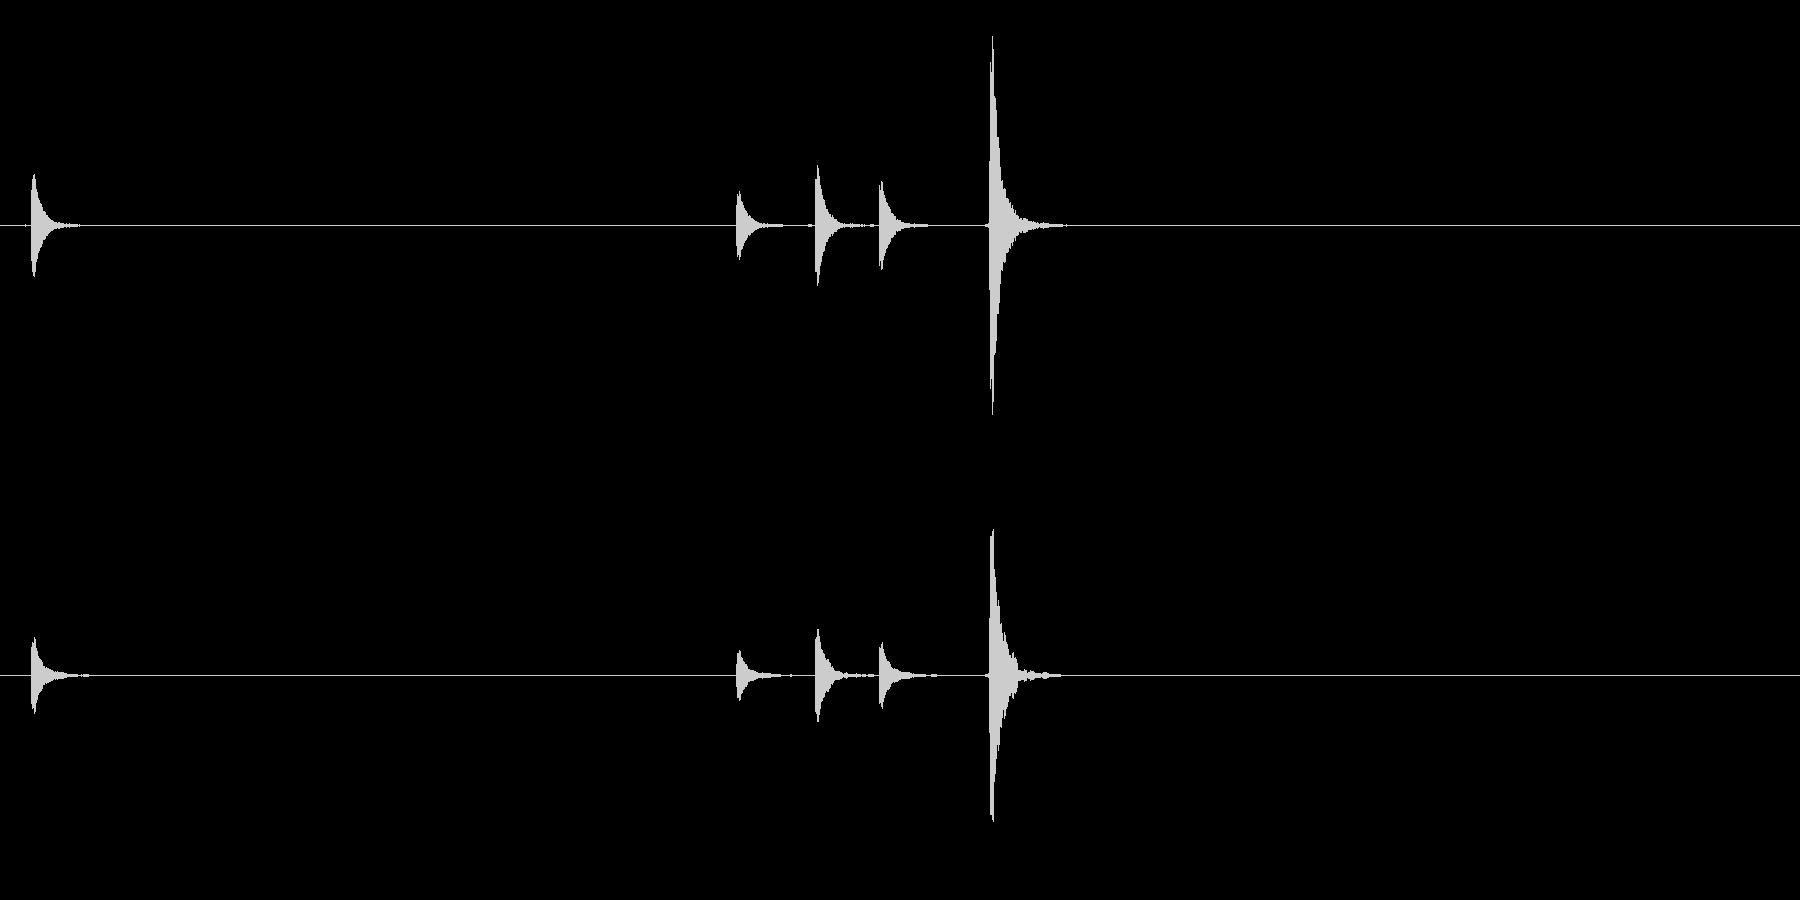 能楽の大鼓(おおつずみ)のフレーズ音の未再生の波形